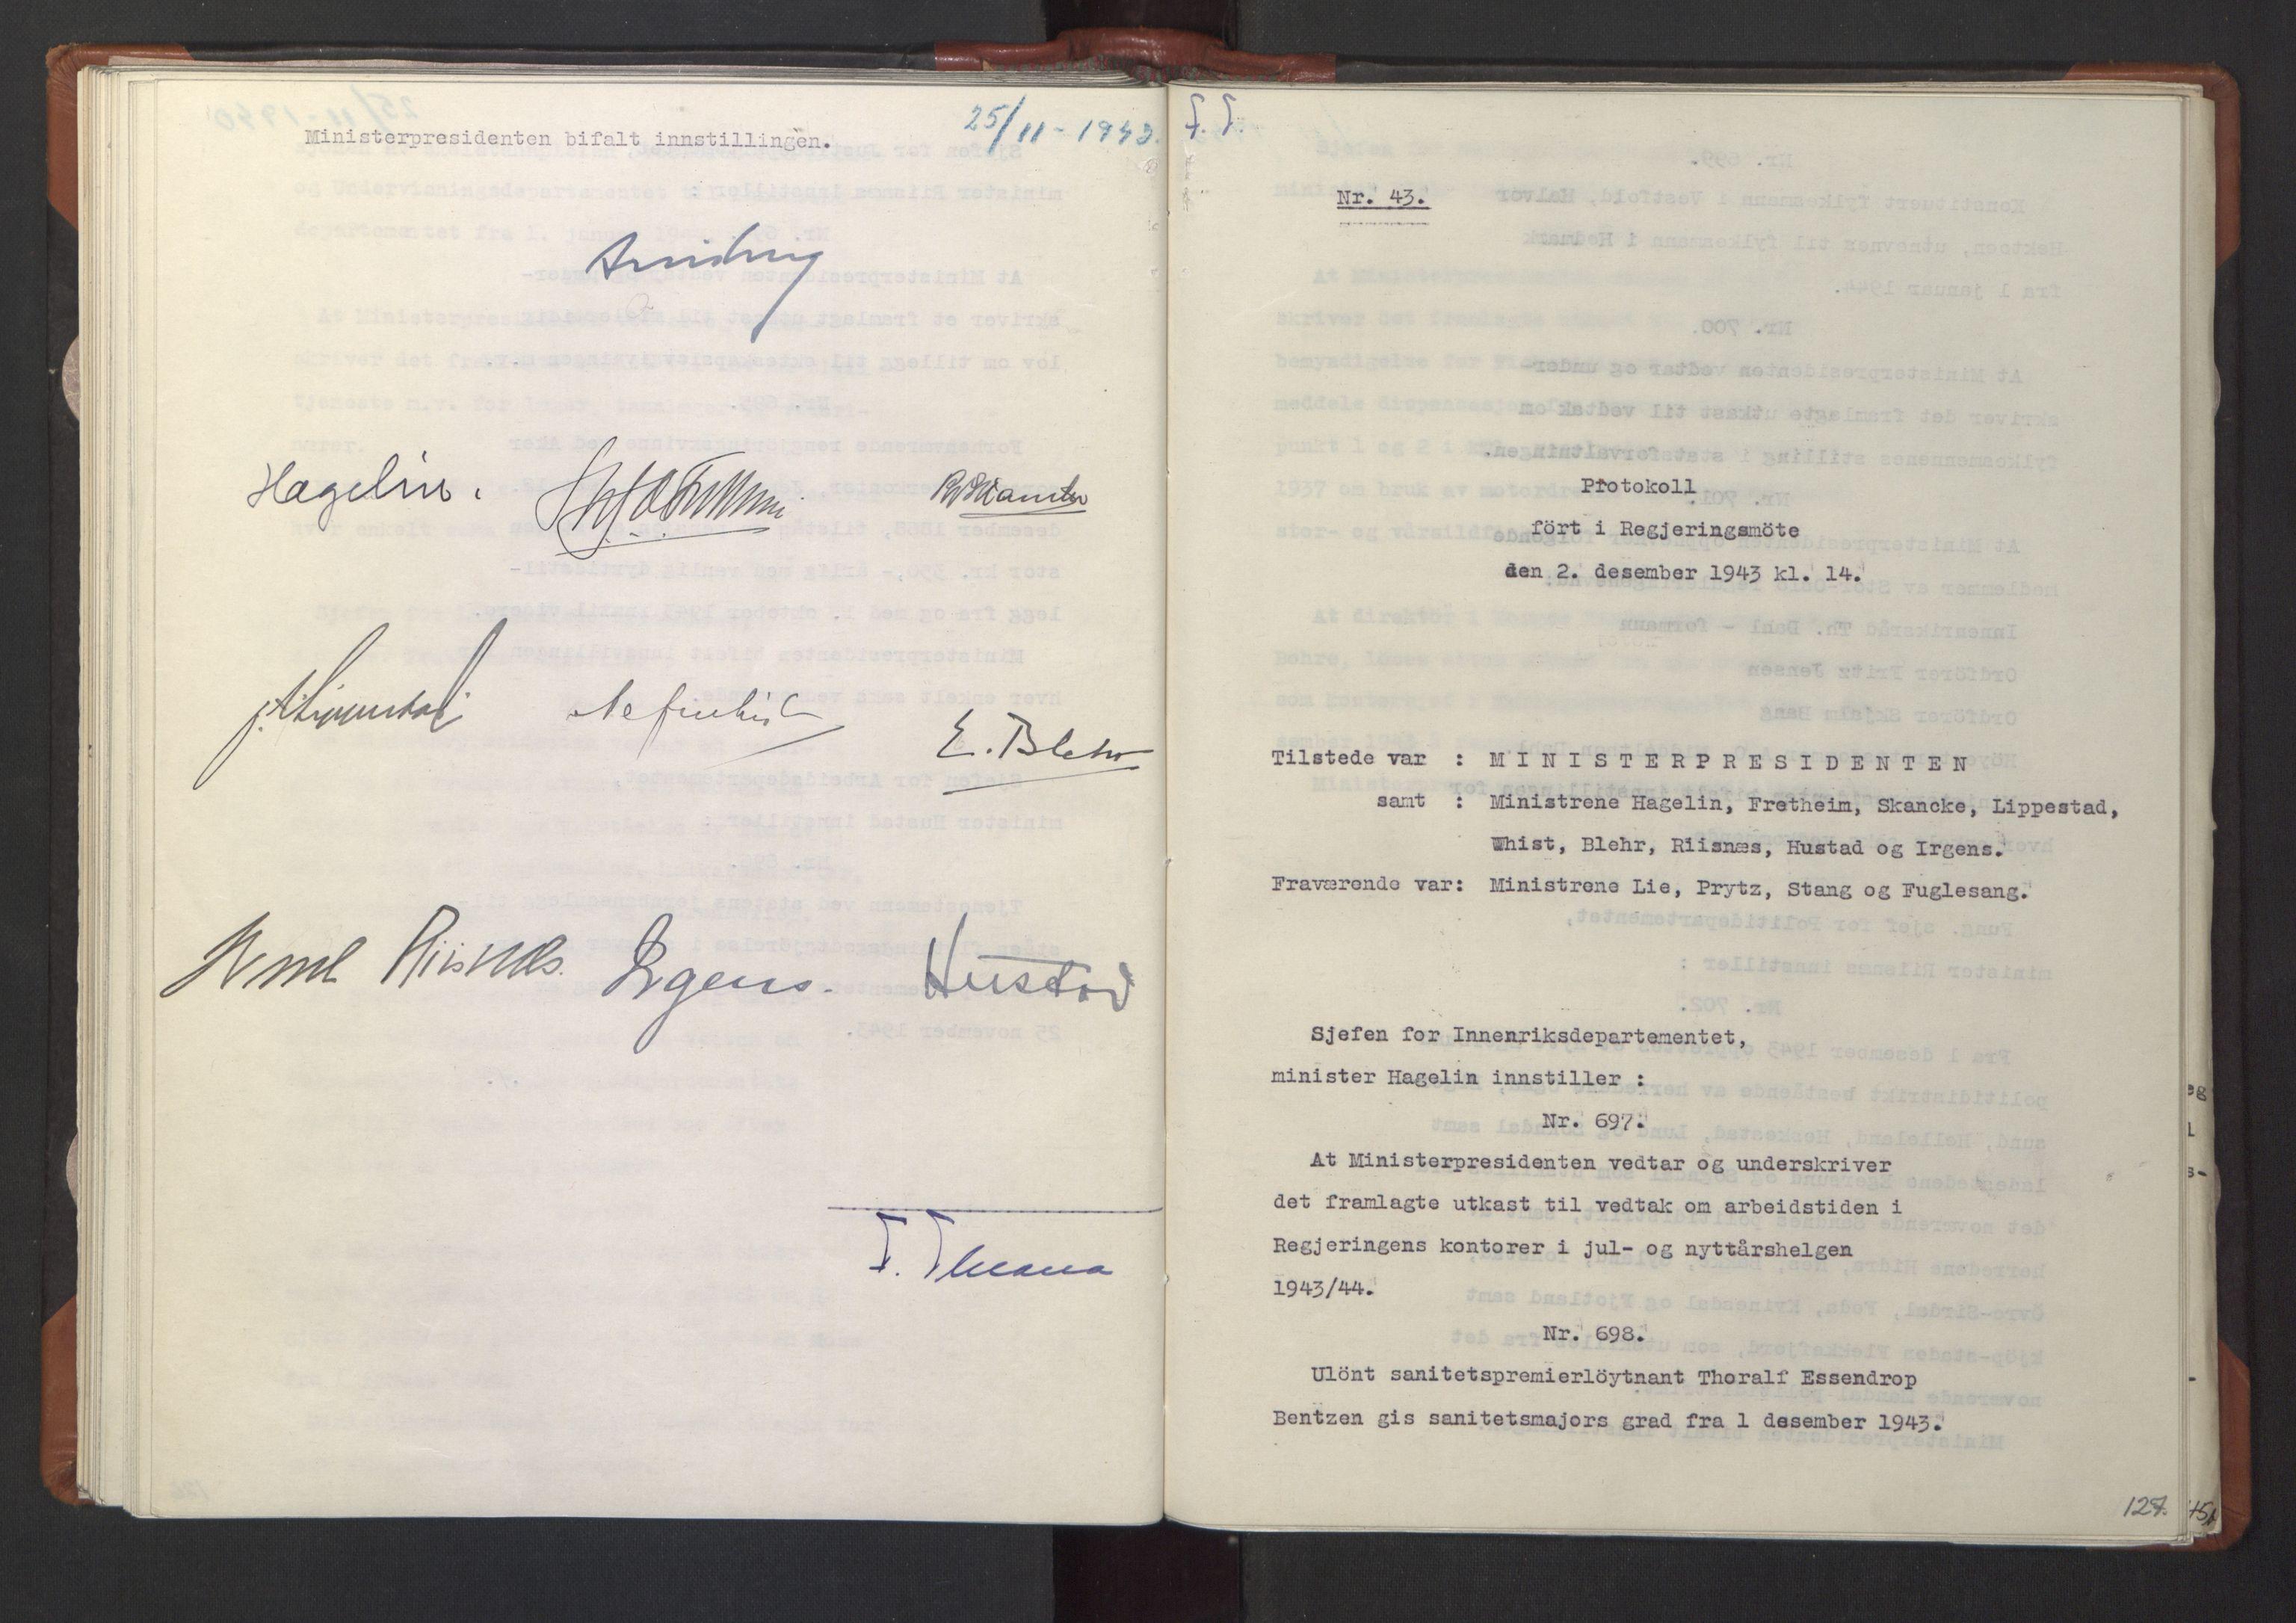 RA, NS-administrasjonen 1940-1945 (Statsrådsekretariatet, de kommisariske statsråder mm), D/Da/L0003: Vedtak (Beslutninger) nr. 1-746 og tillegg nr. 1-47 (RA. j.nr. 1394/1944, tilgangsnr. 8/1944, 1943, s. 126b-127a